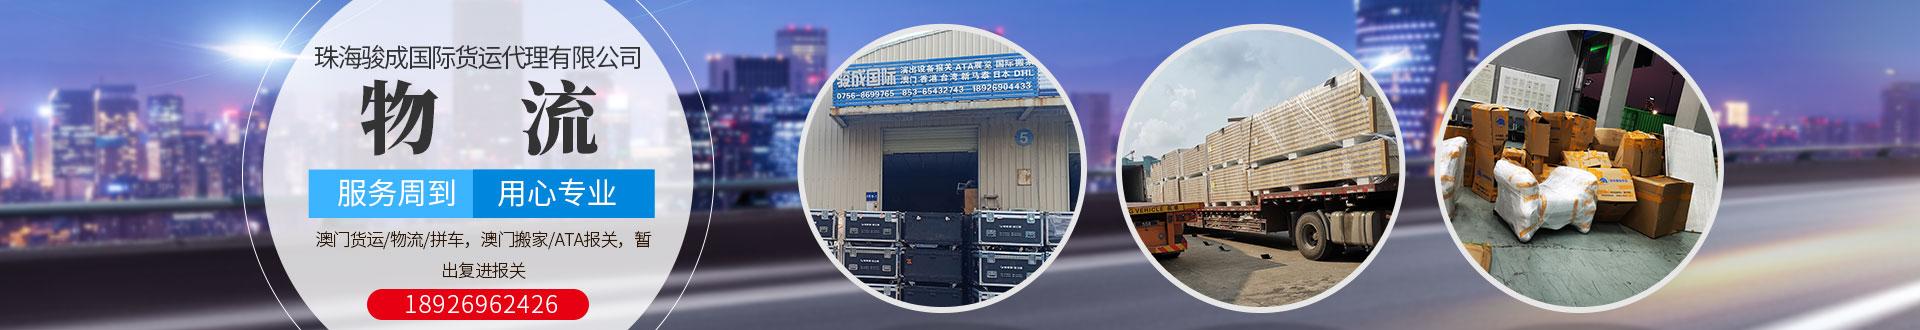 珠海骏成国际货运公司